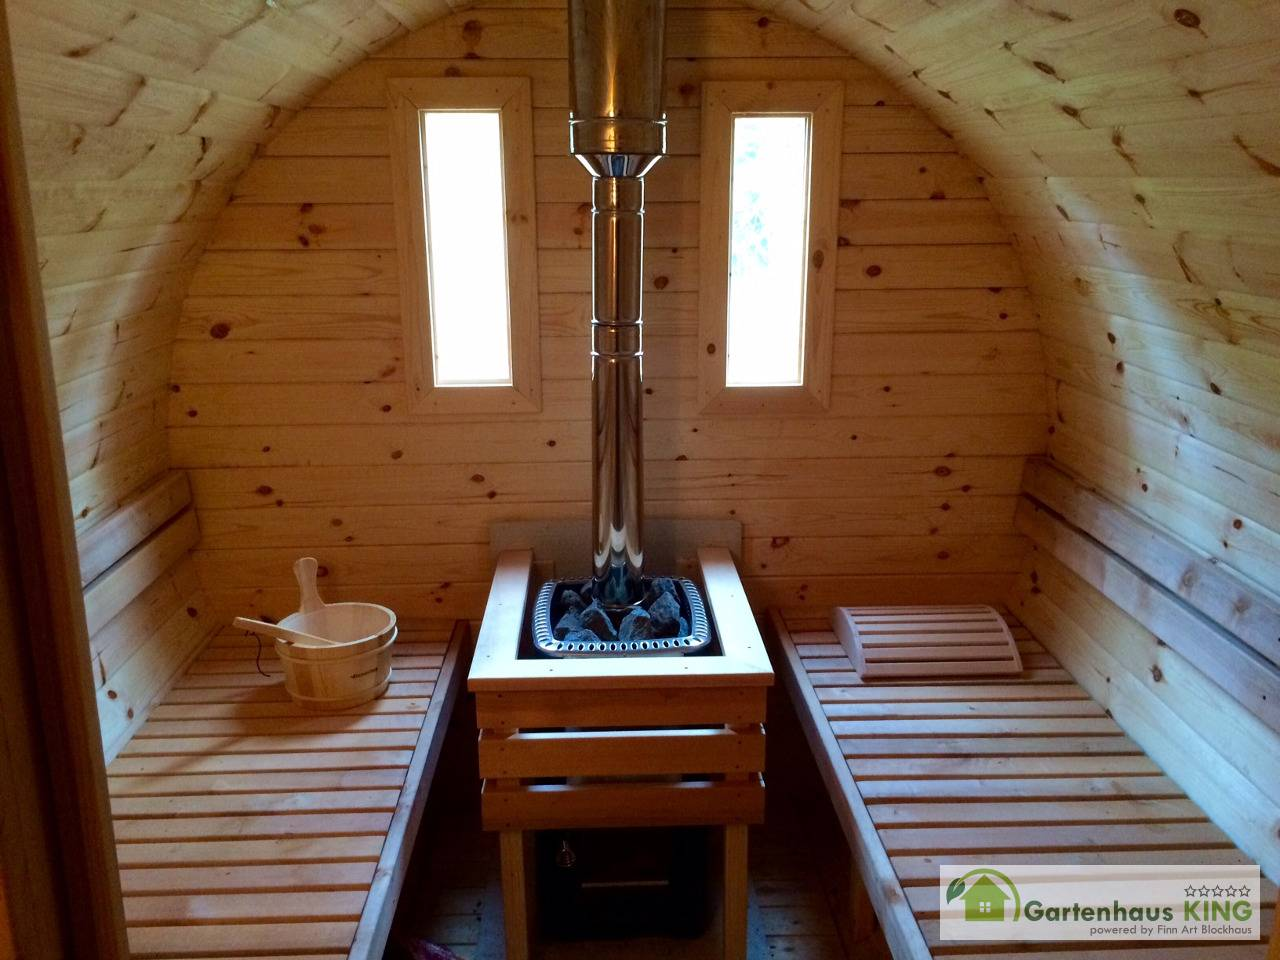 Finn Art Fass Sauna Premium 400 227 Thermoholz Gartenhaus King De